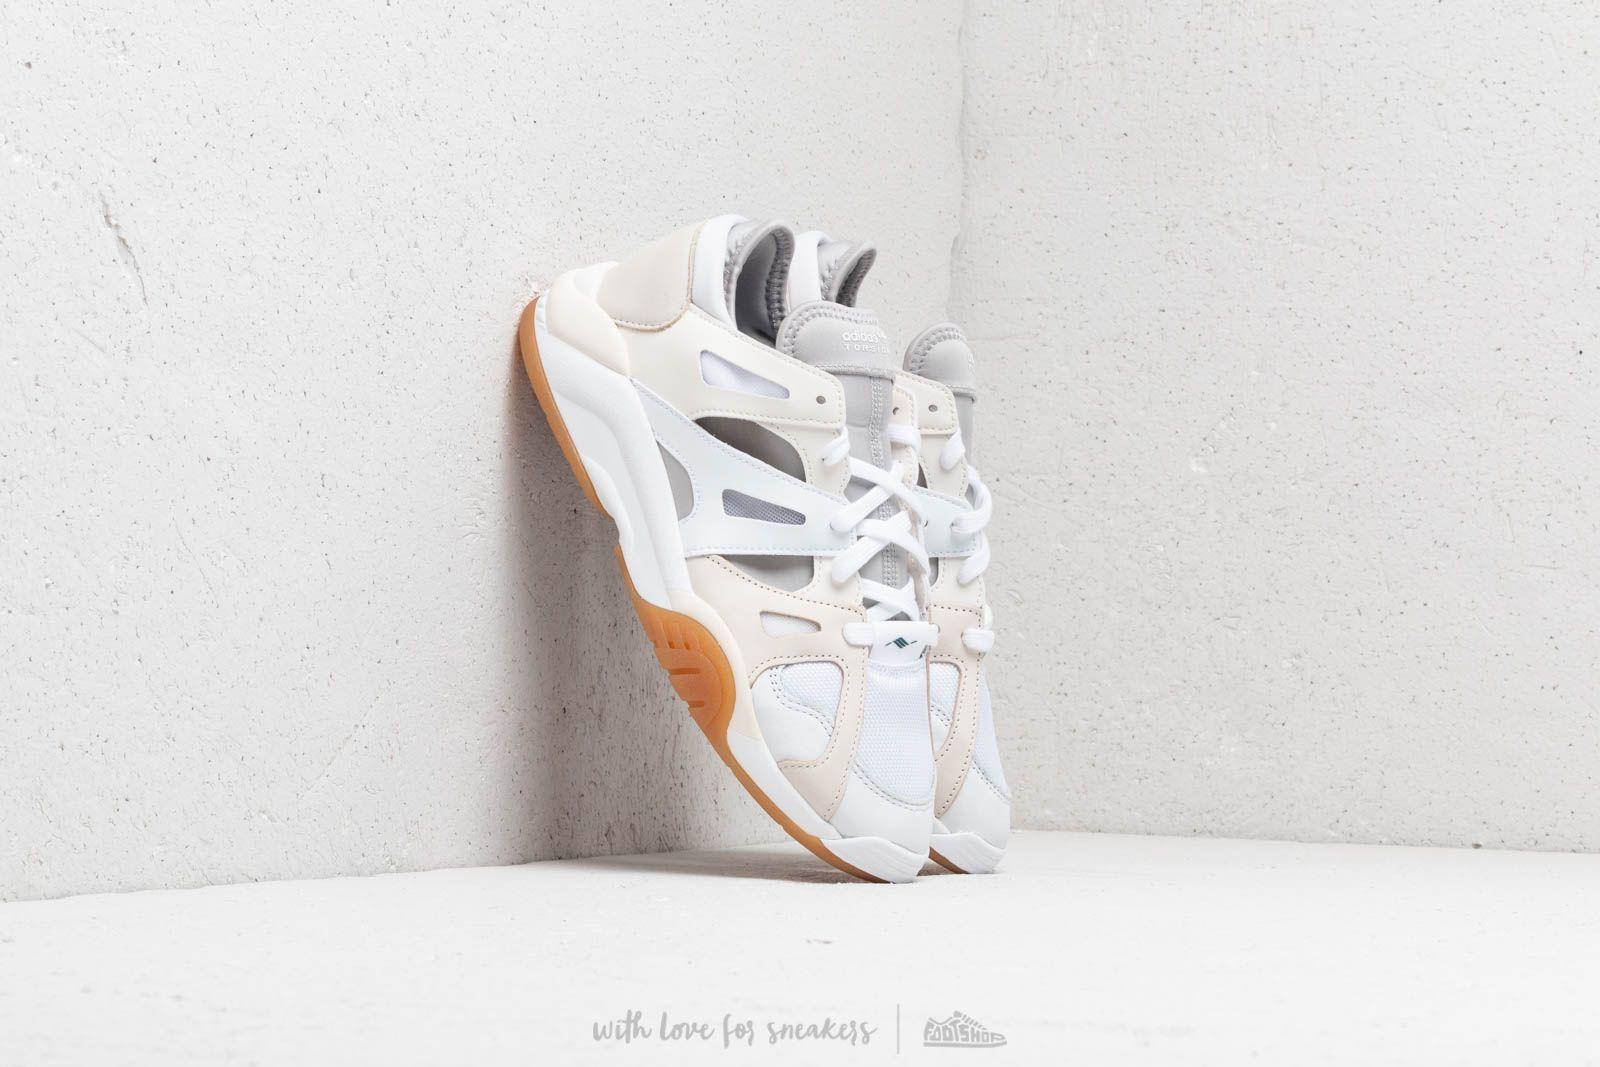 competitive price 960fb a61f6 adidas Dimension Lo Footwear White Chalk White Grey Two a prezzo  eccezionale 130 €